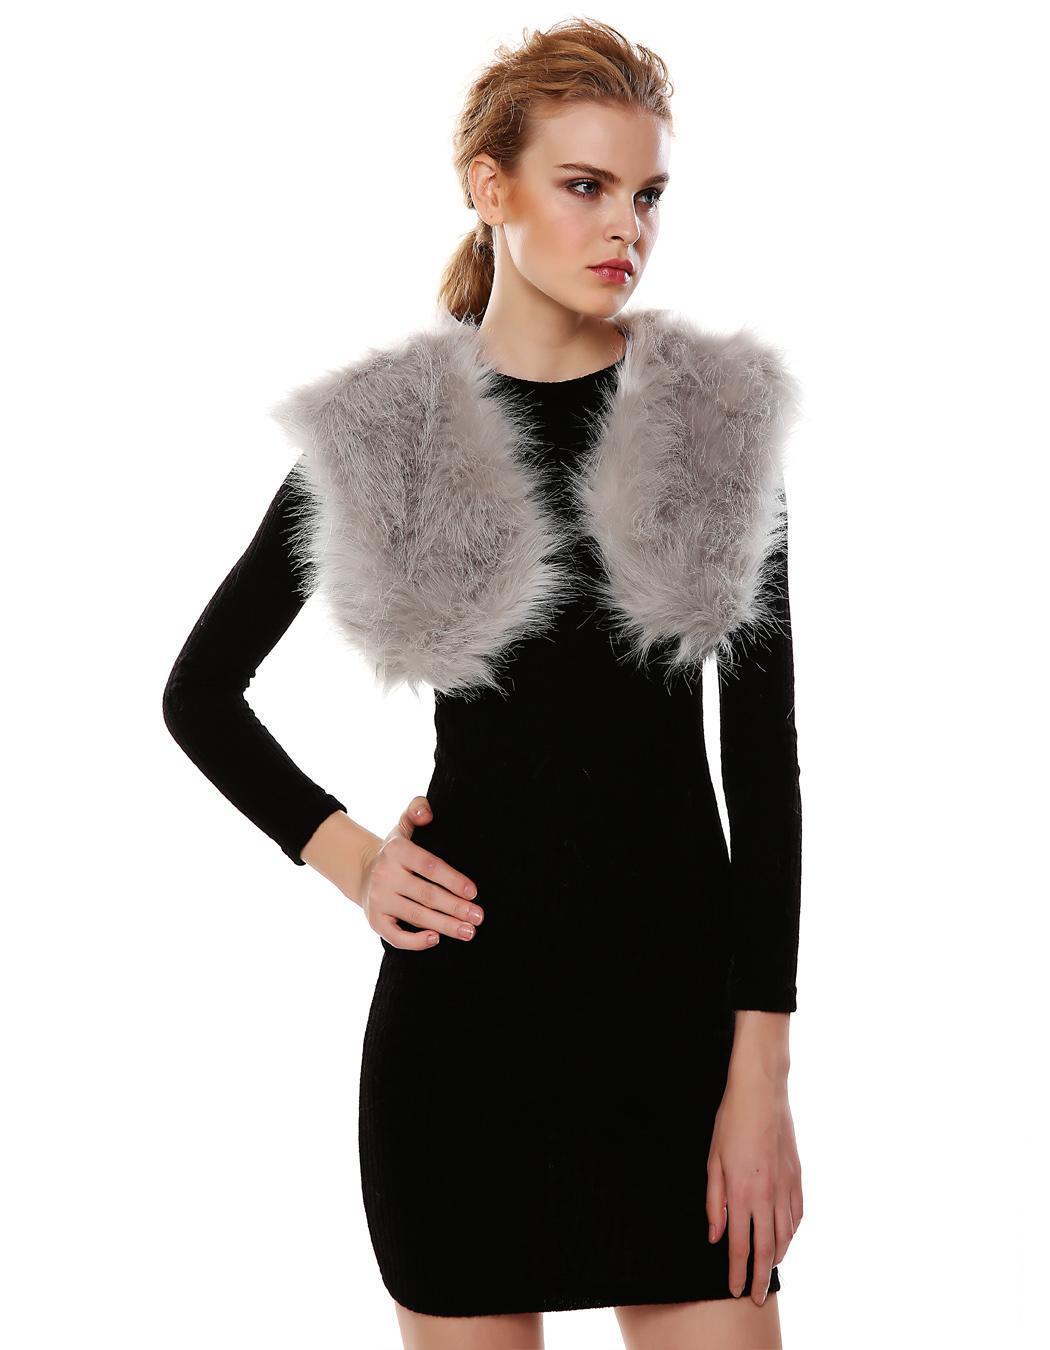 Gilet femme fausse fourrure achat vente gilet cardigan 2009834328647 cdiscount - Gilet fausse fourrure femme ...